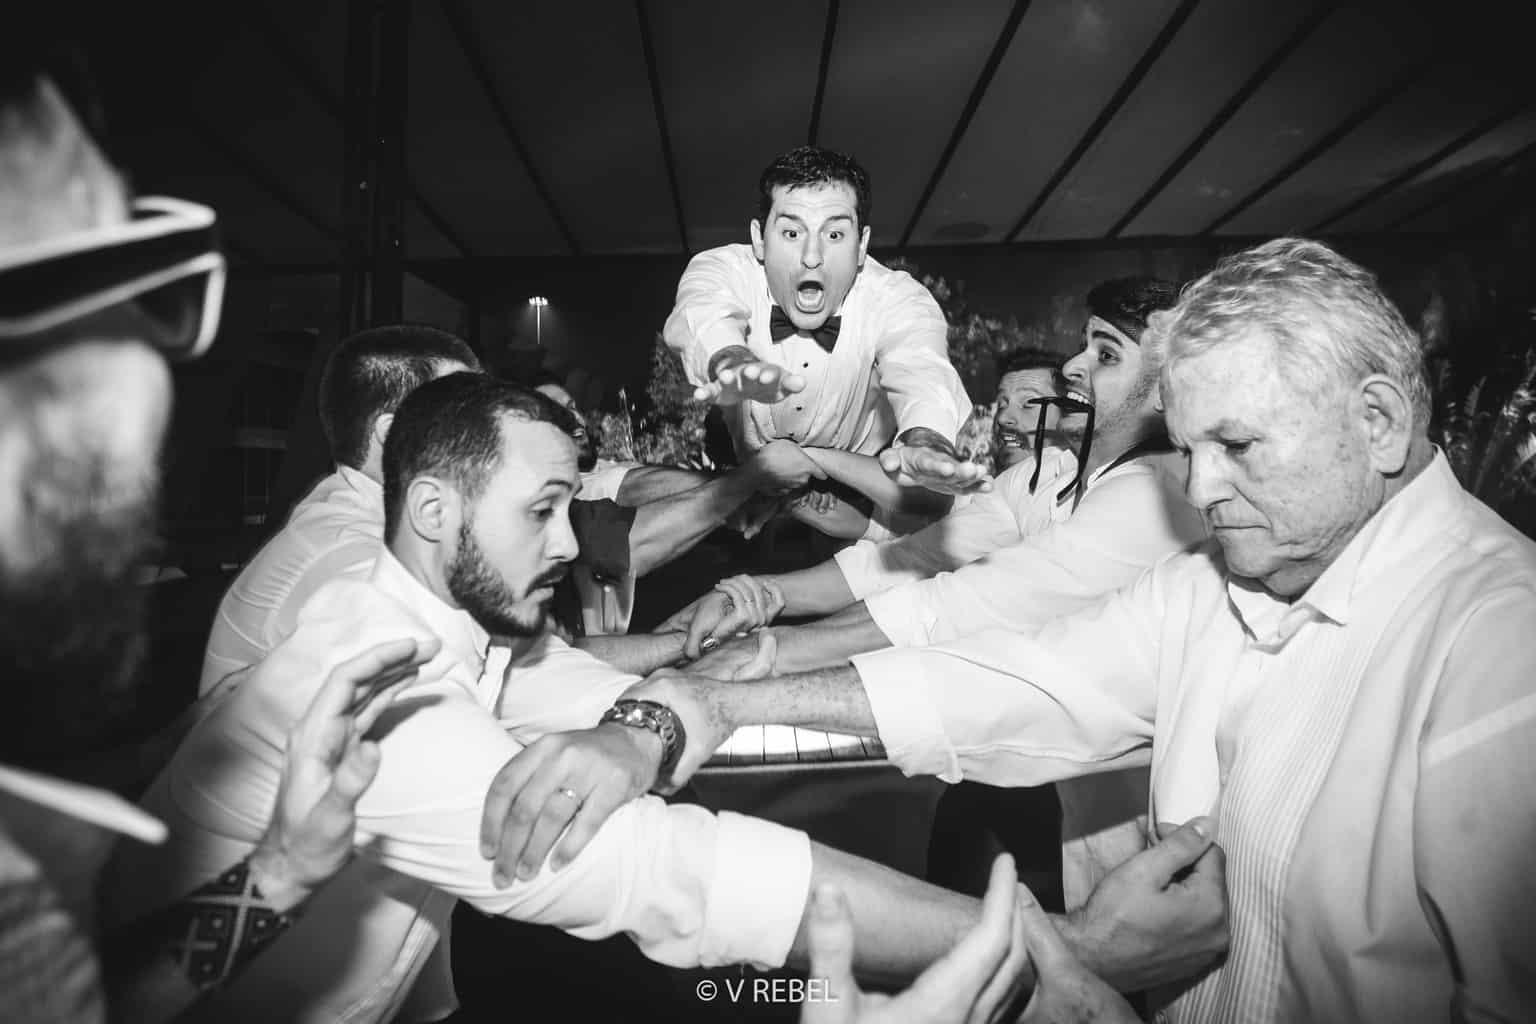 casamento-Caroline-e-Breno-casamento-clássico-fotografia-VRebel-pista108